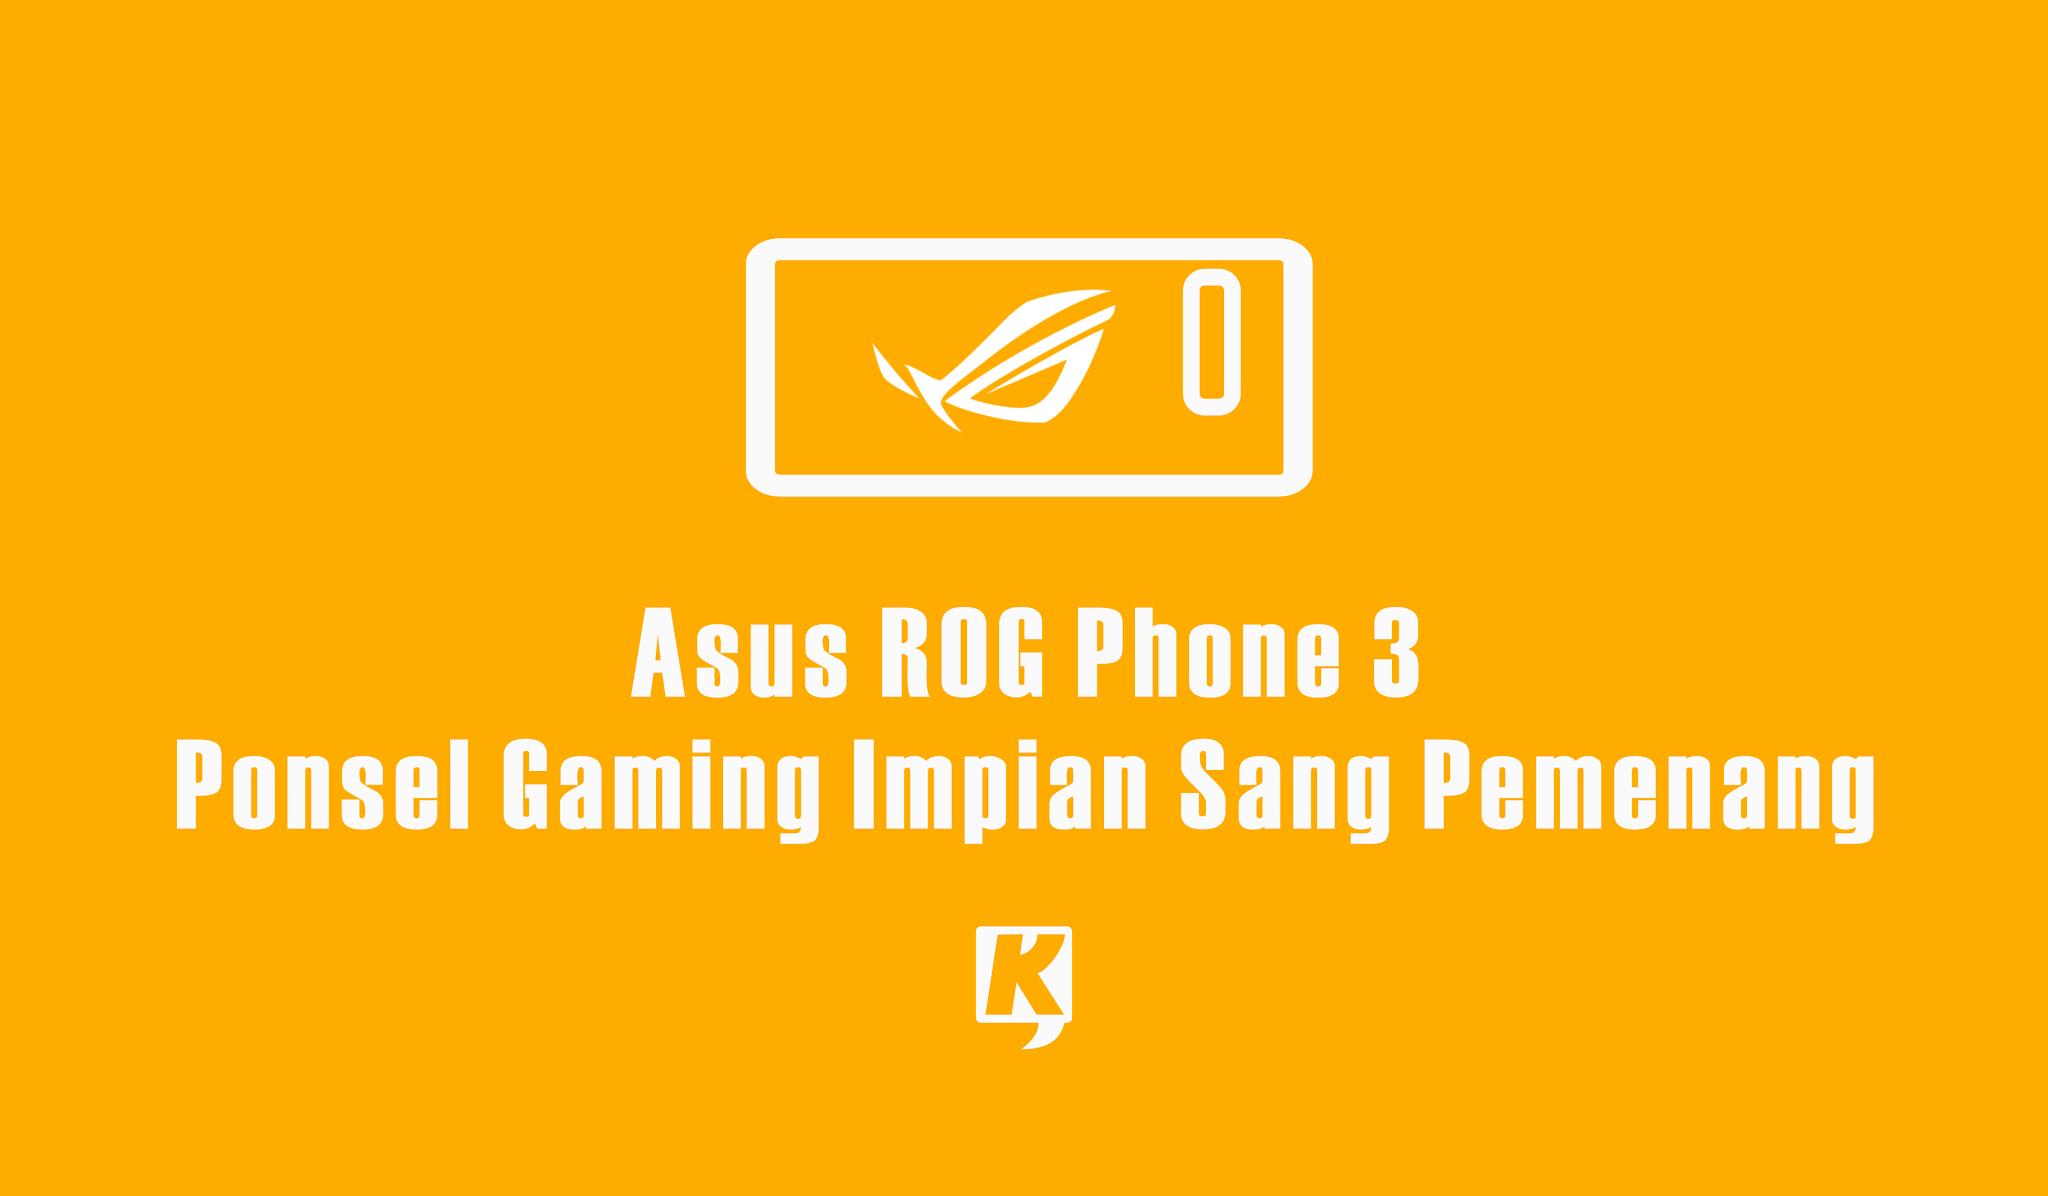 Asus ROG Phone 3, Ponsel Gaming Impian Sang Pemenang